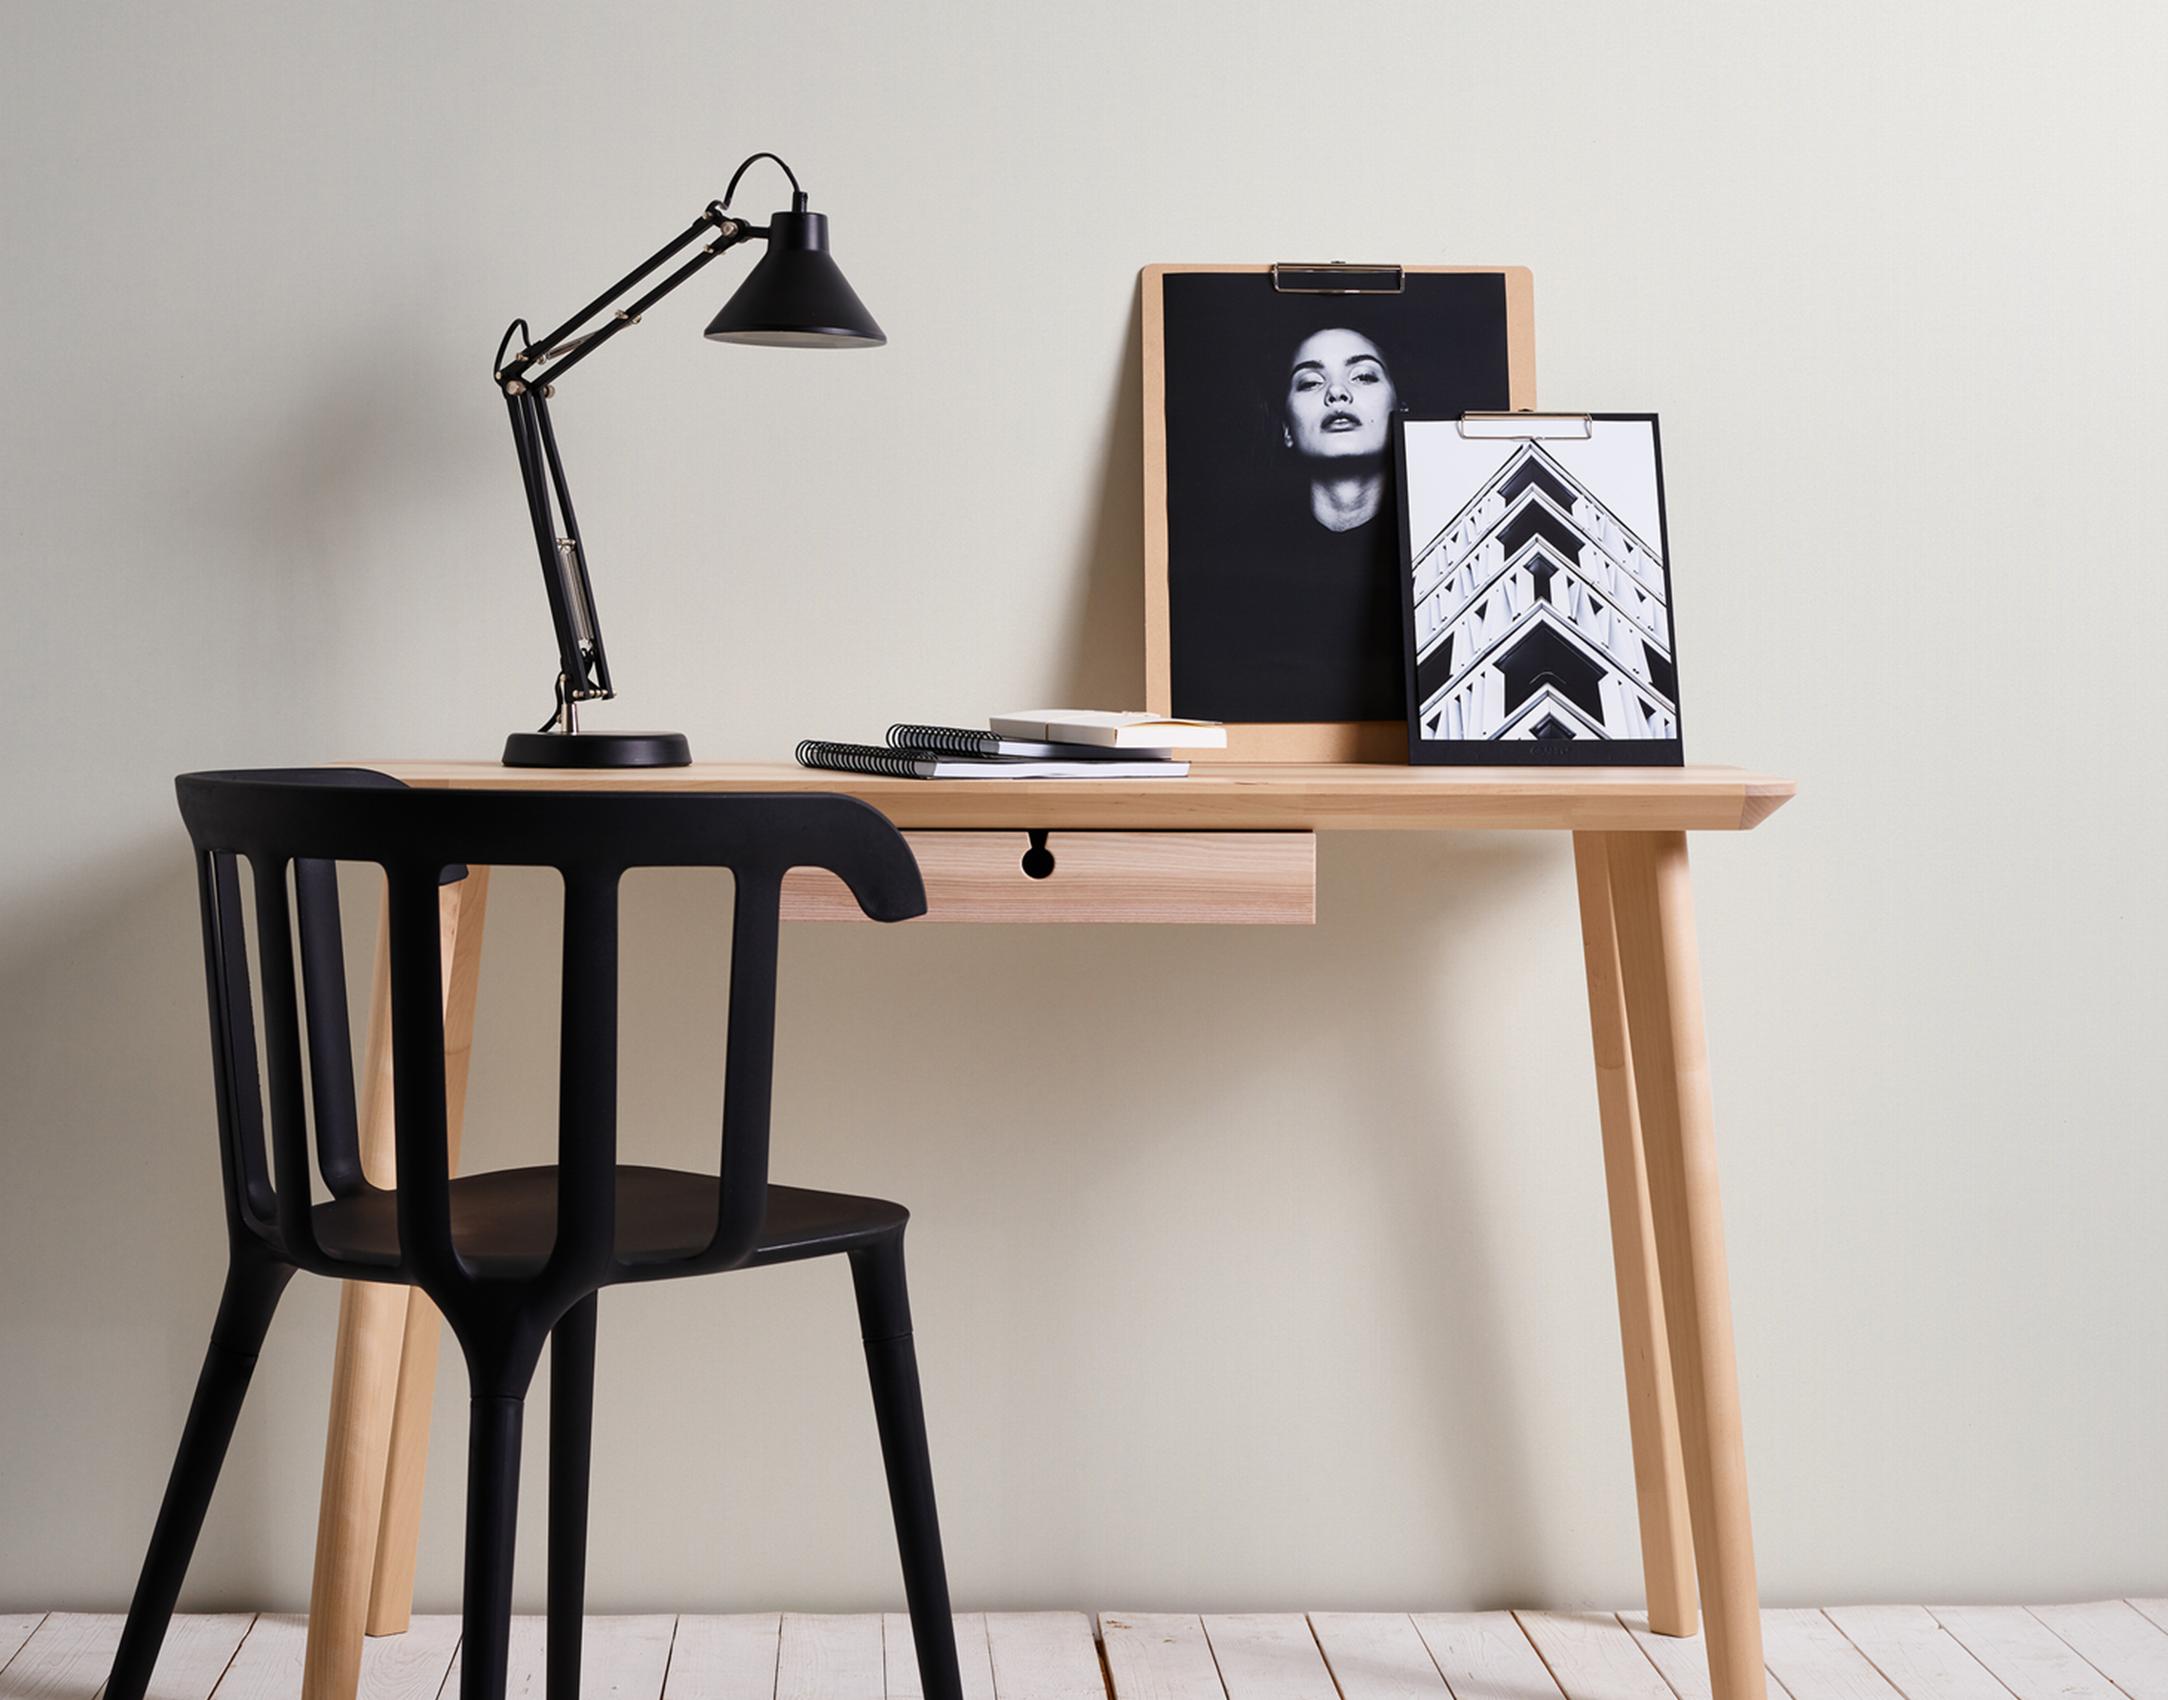 Foto Homeoffice im minimalistischen Stil vor tapezierter Wand, Michalsky Tapete uni weiß, Artikel AS326317